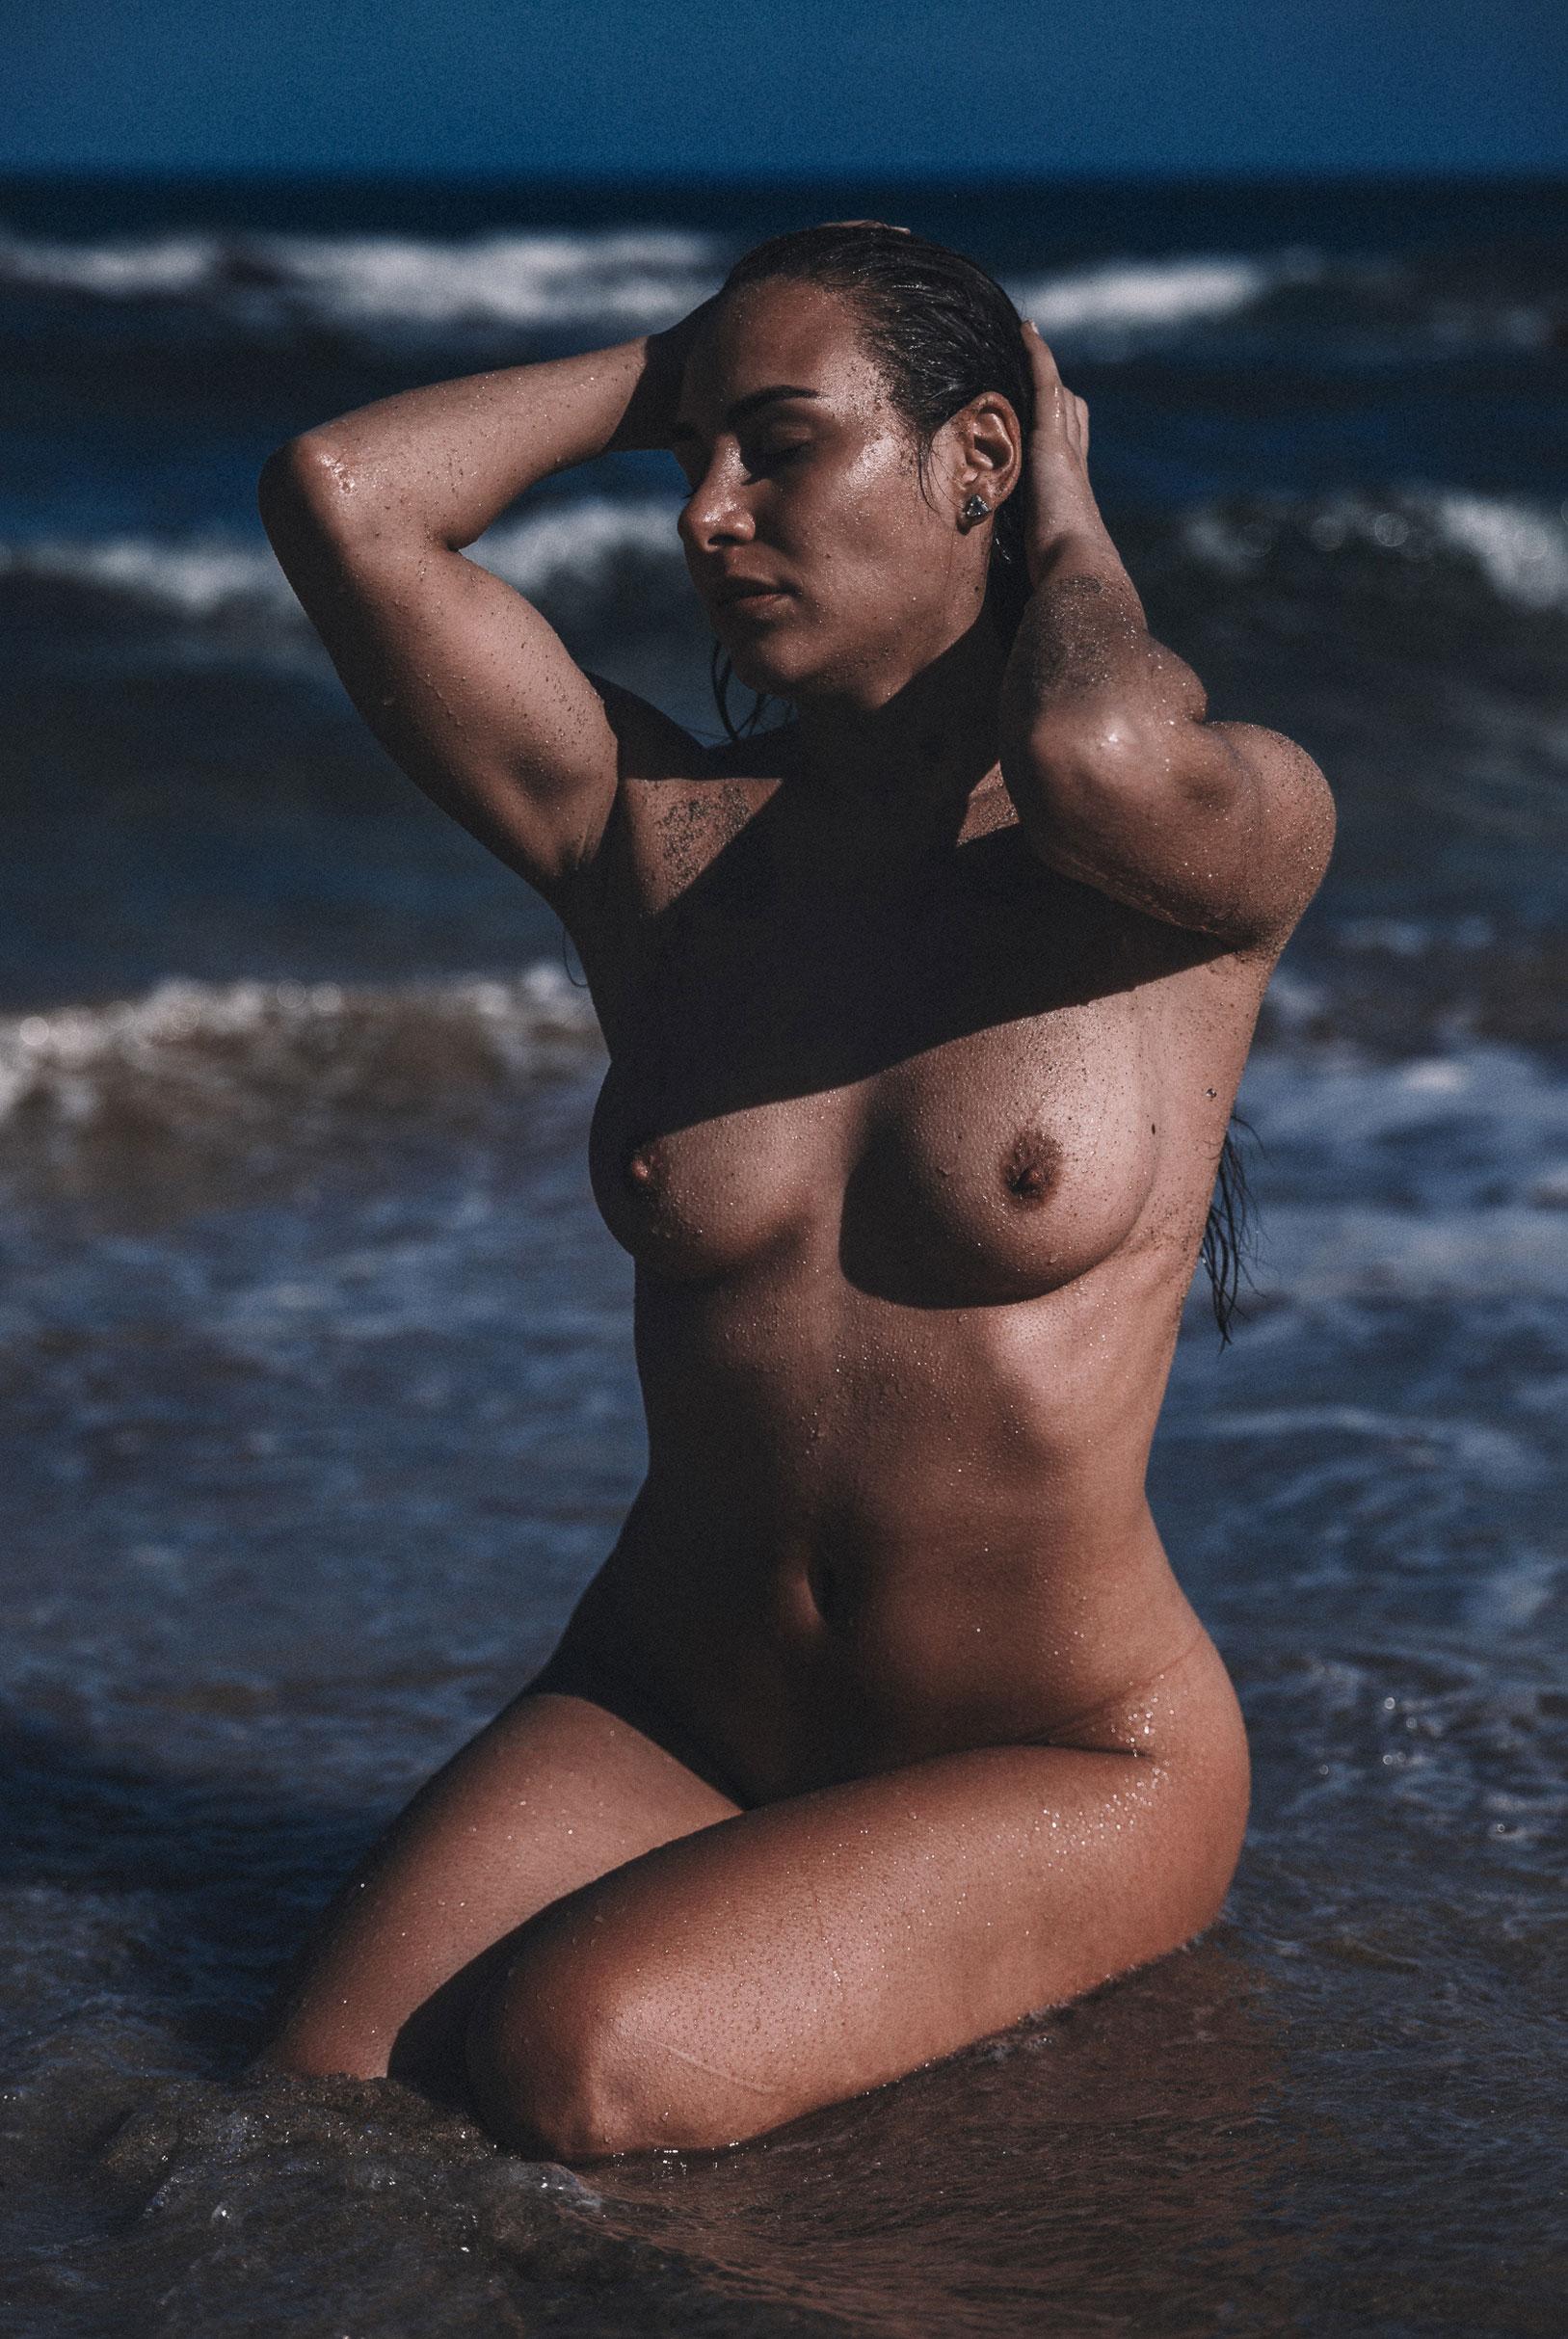 Lola Mdle nude by Thomas Agatz